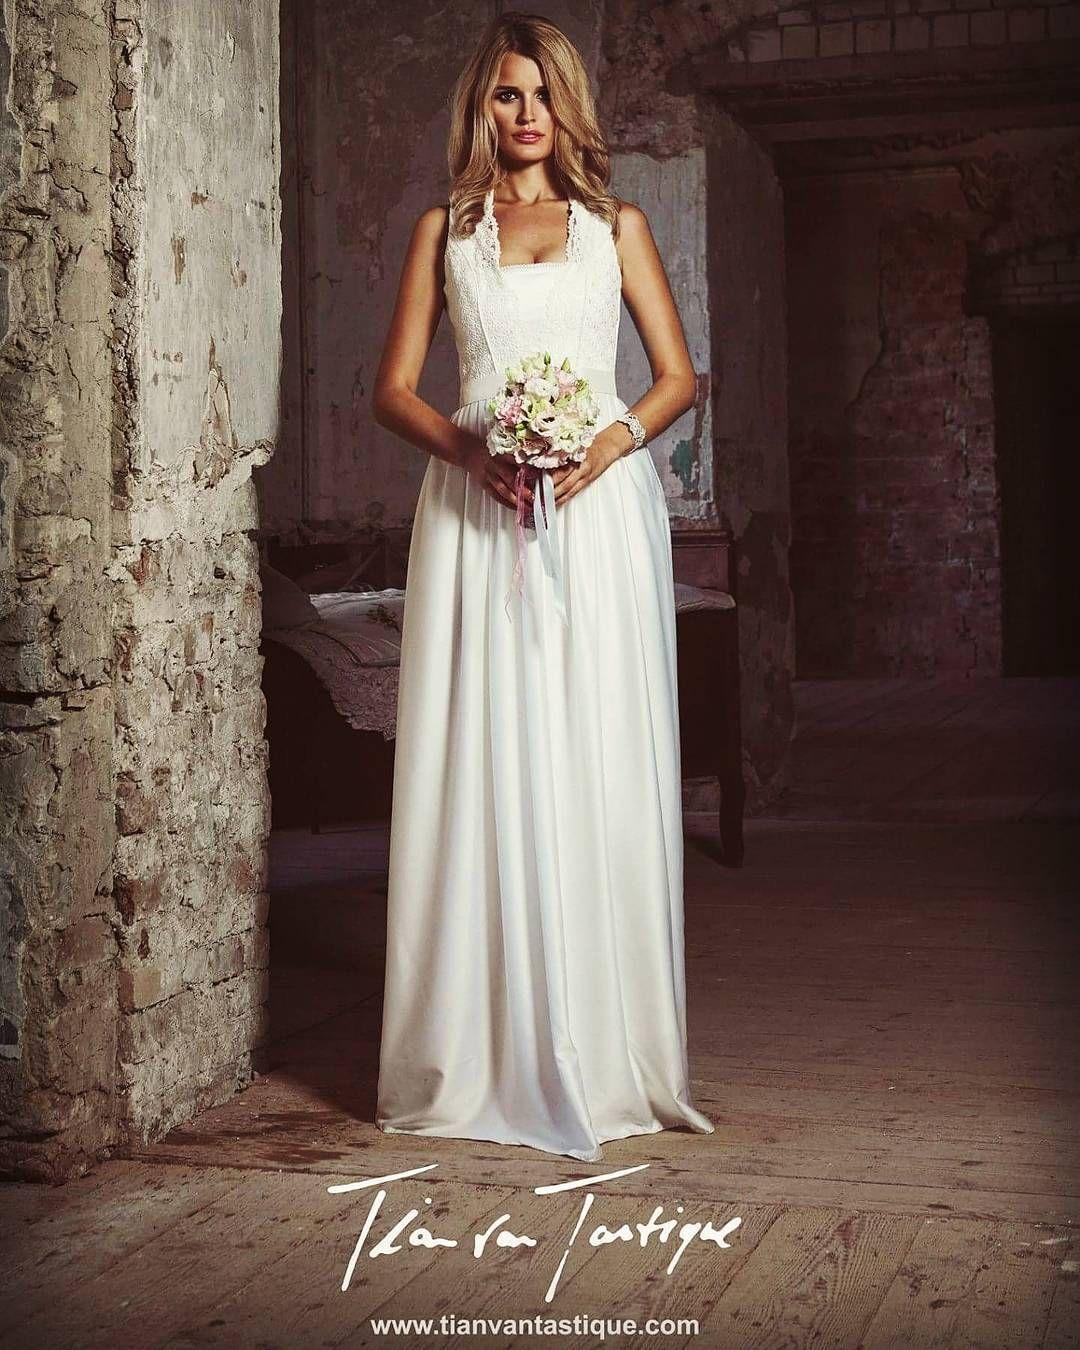 modernes Brautdirndl in bodenlang für die romantische